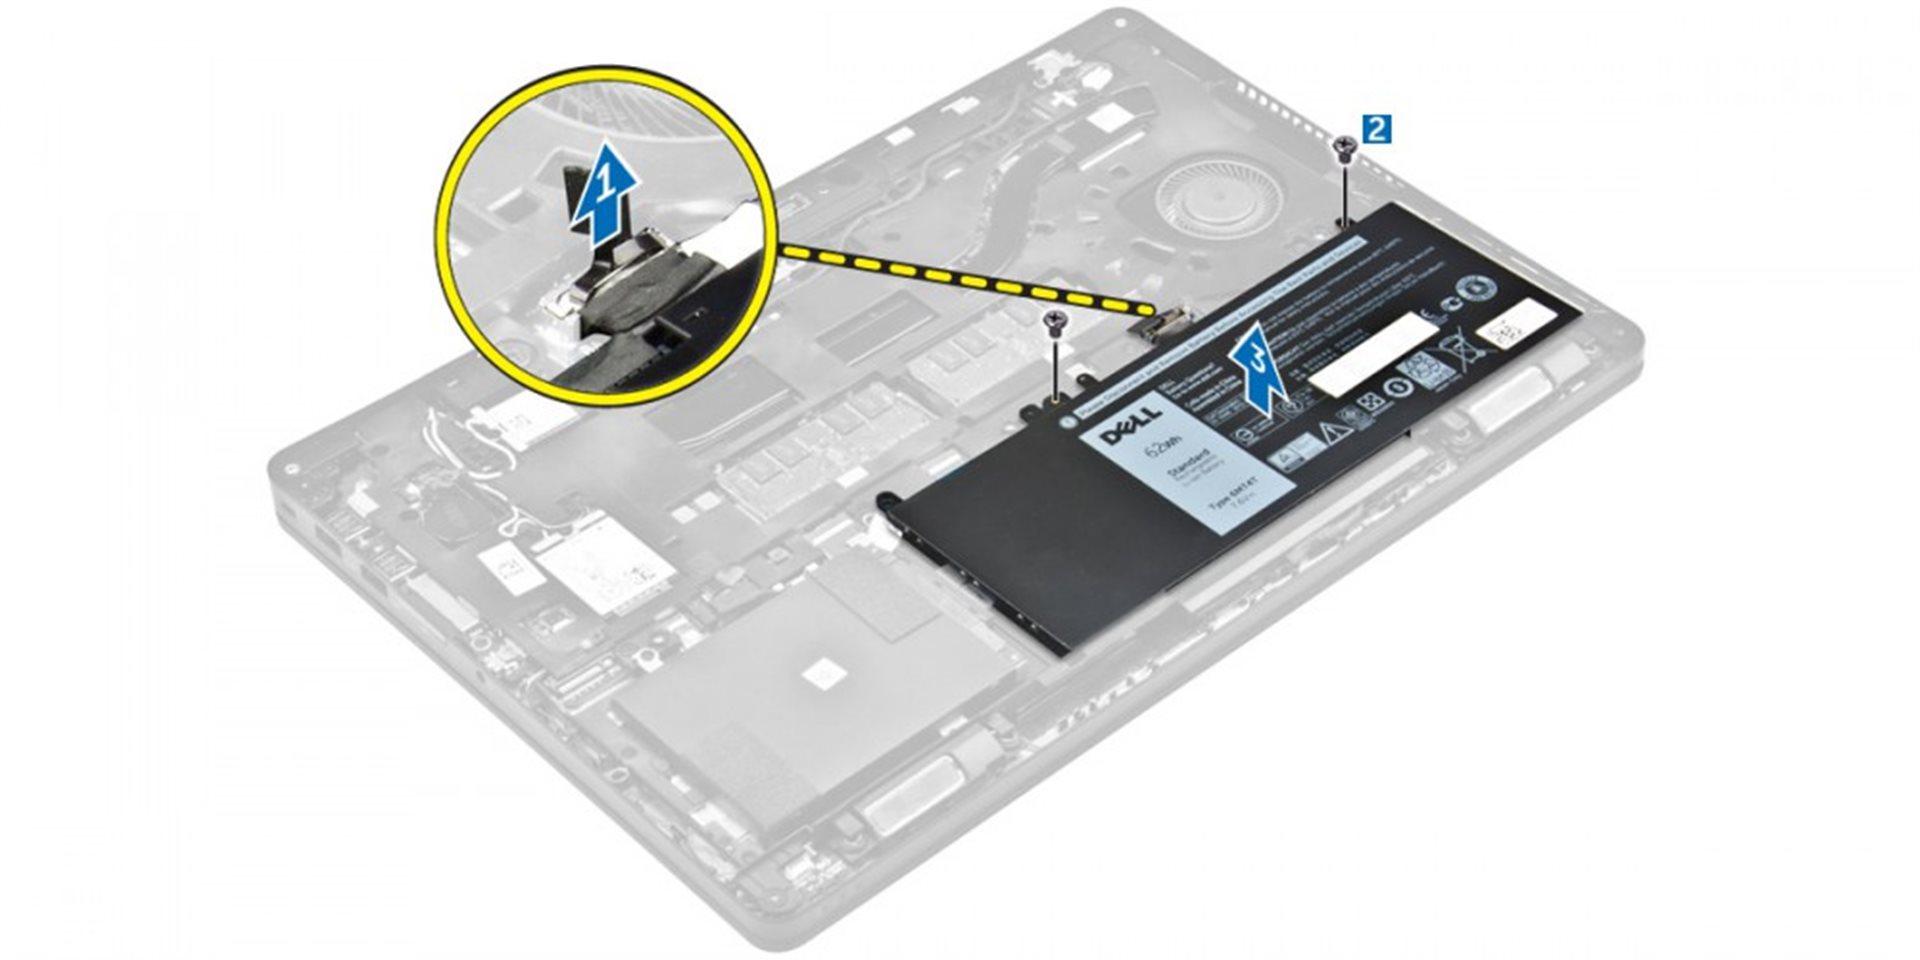 Dell Baterie 3-cell 47W/HR LI-ON pro Latitude E5270, E5470, E5570